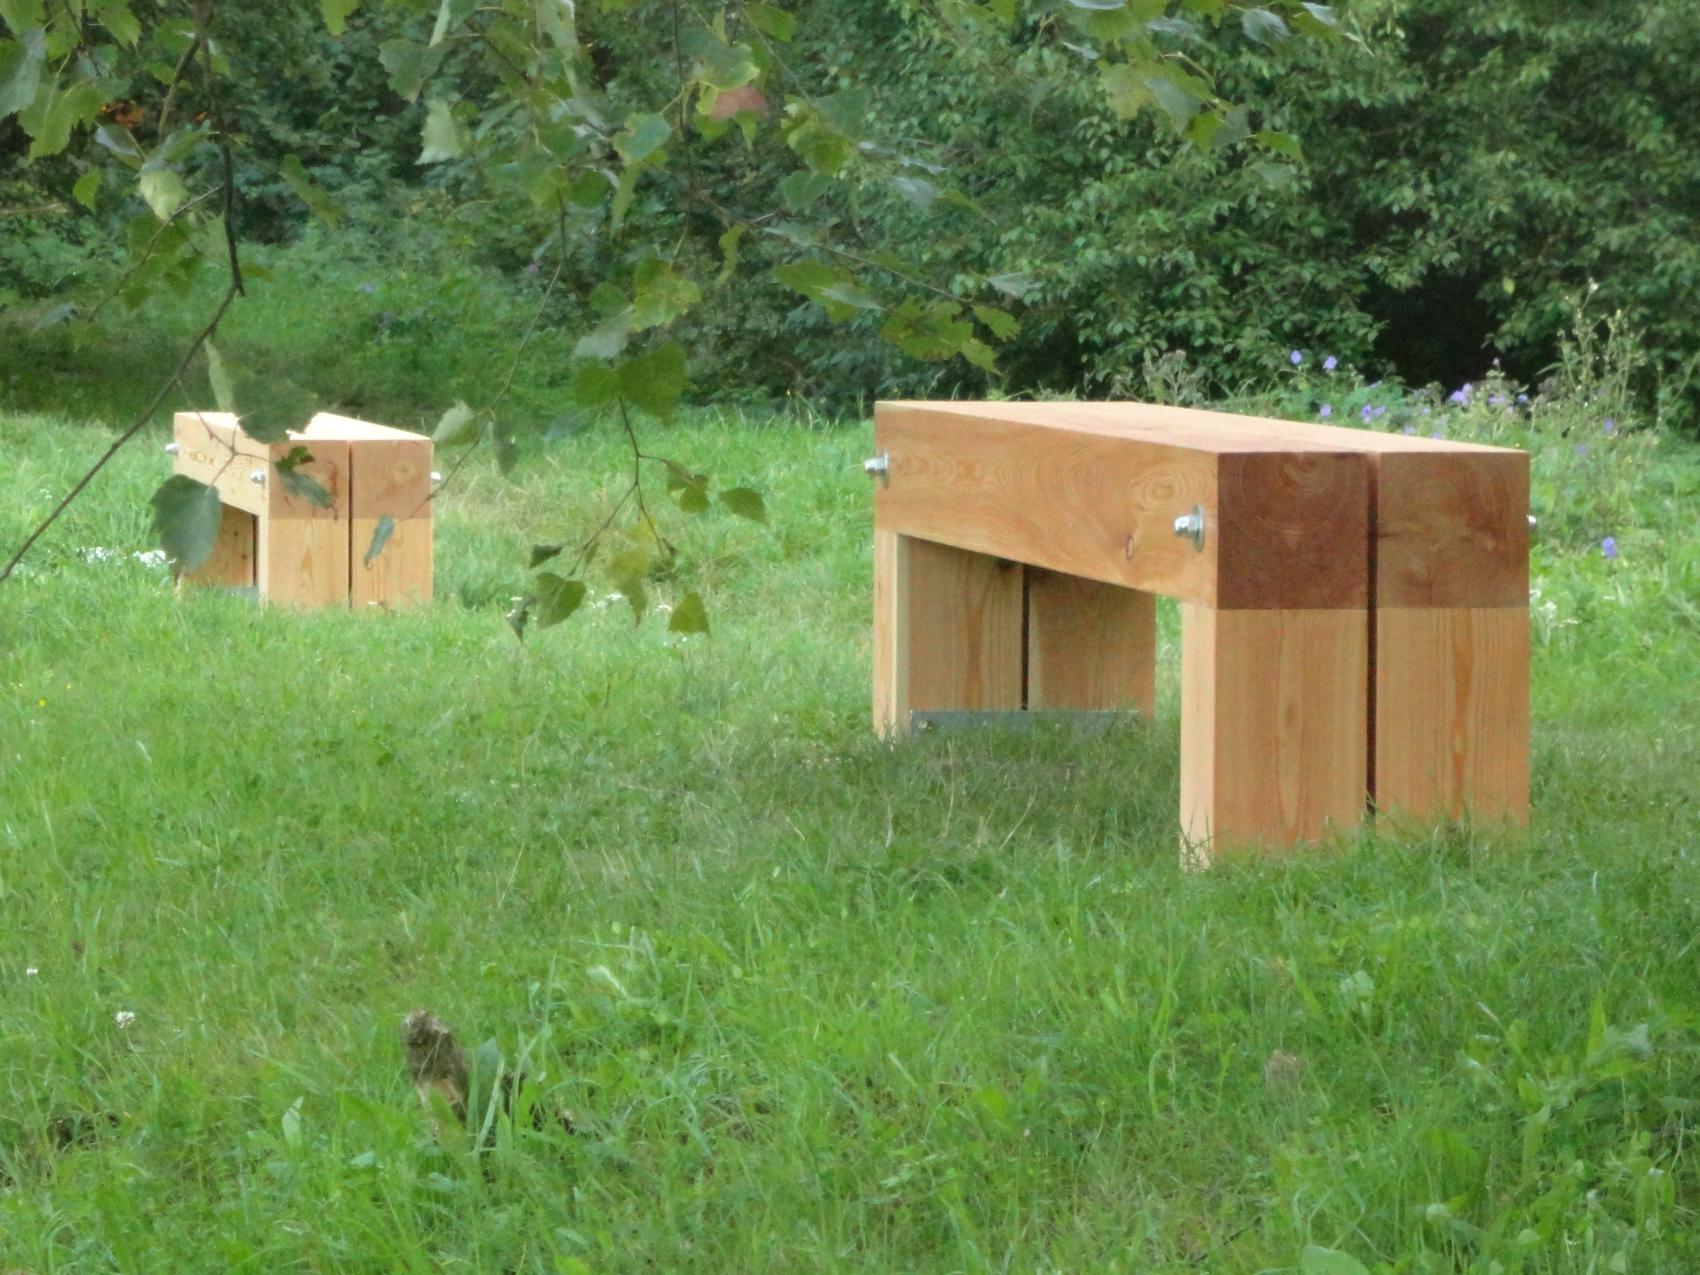 Holzbänke NATURHOUSE - Hostenice - Referenzen NATURHOUSE®   NATURHOUSE®